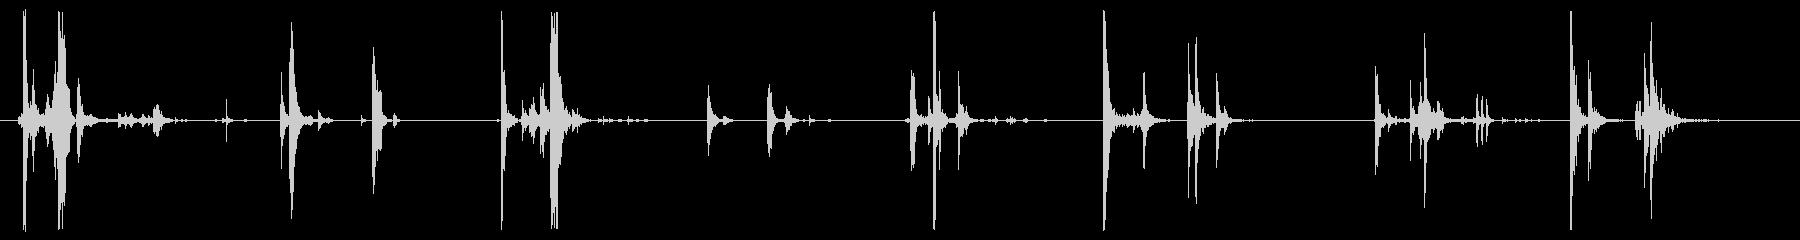 ffinの蓋が4Xを開きます。の未再生の波形